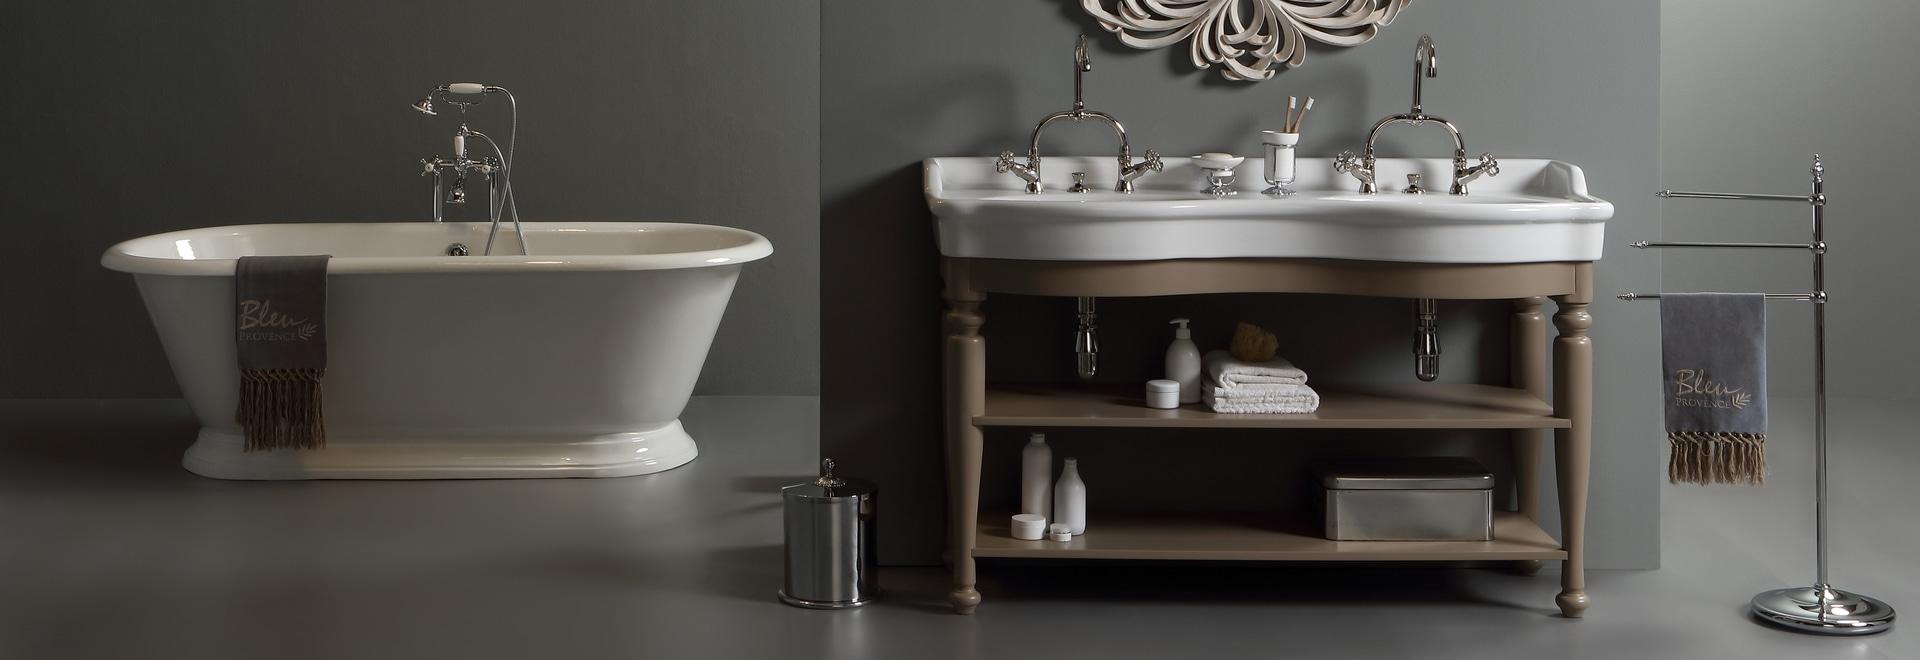 Klassisches doppeltes Waschbecken mit Holzmöbel